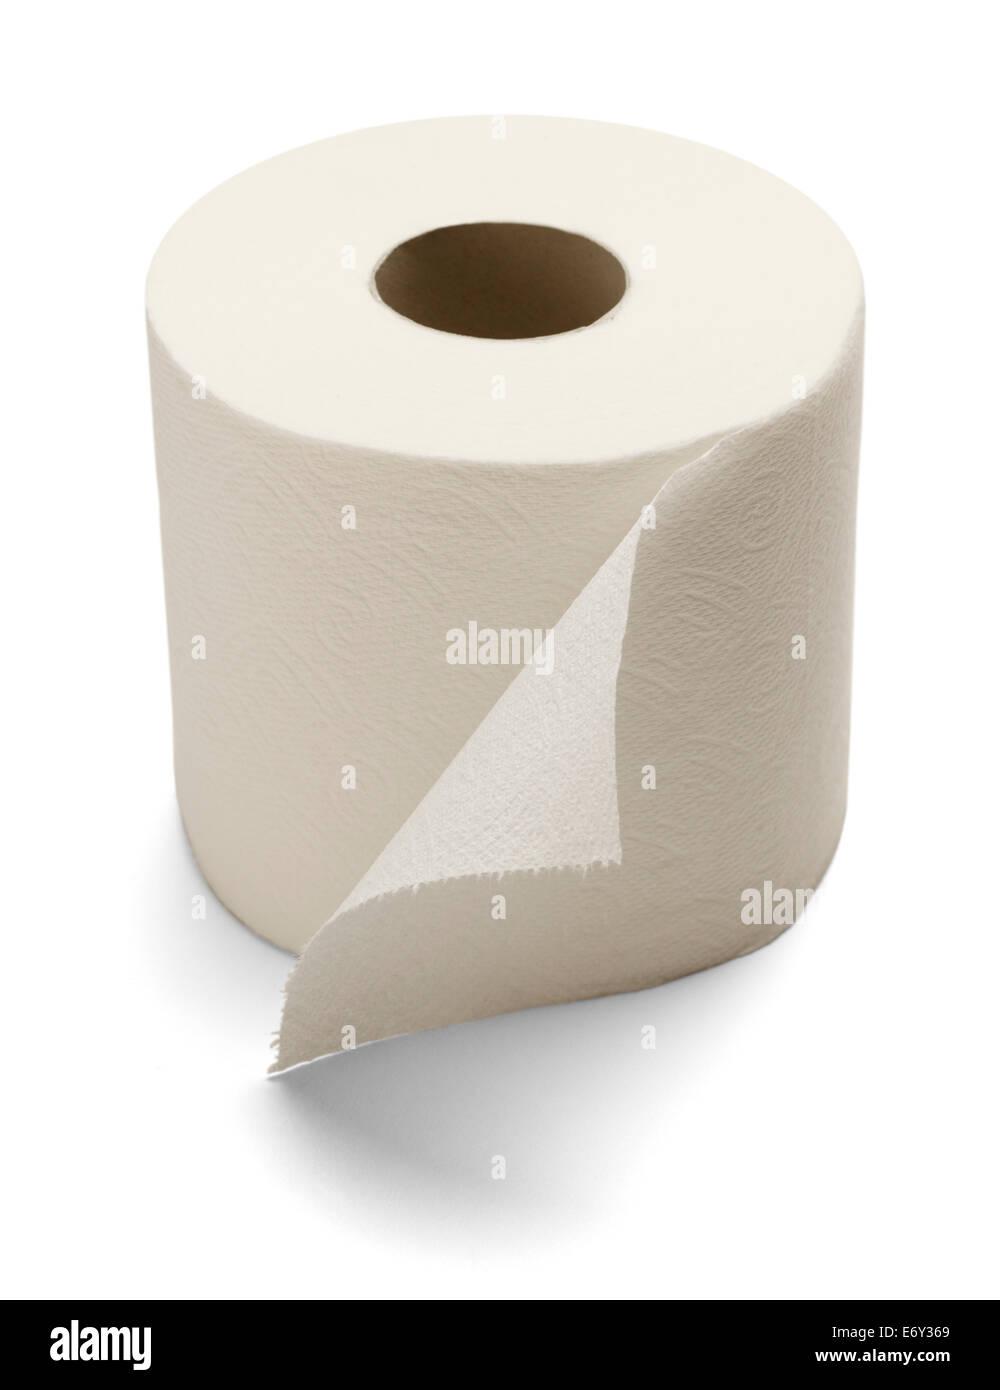 Carta igienica morbida isolato su uno sfondo bianco. Immagini Stock